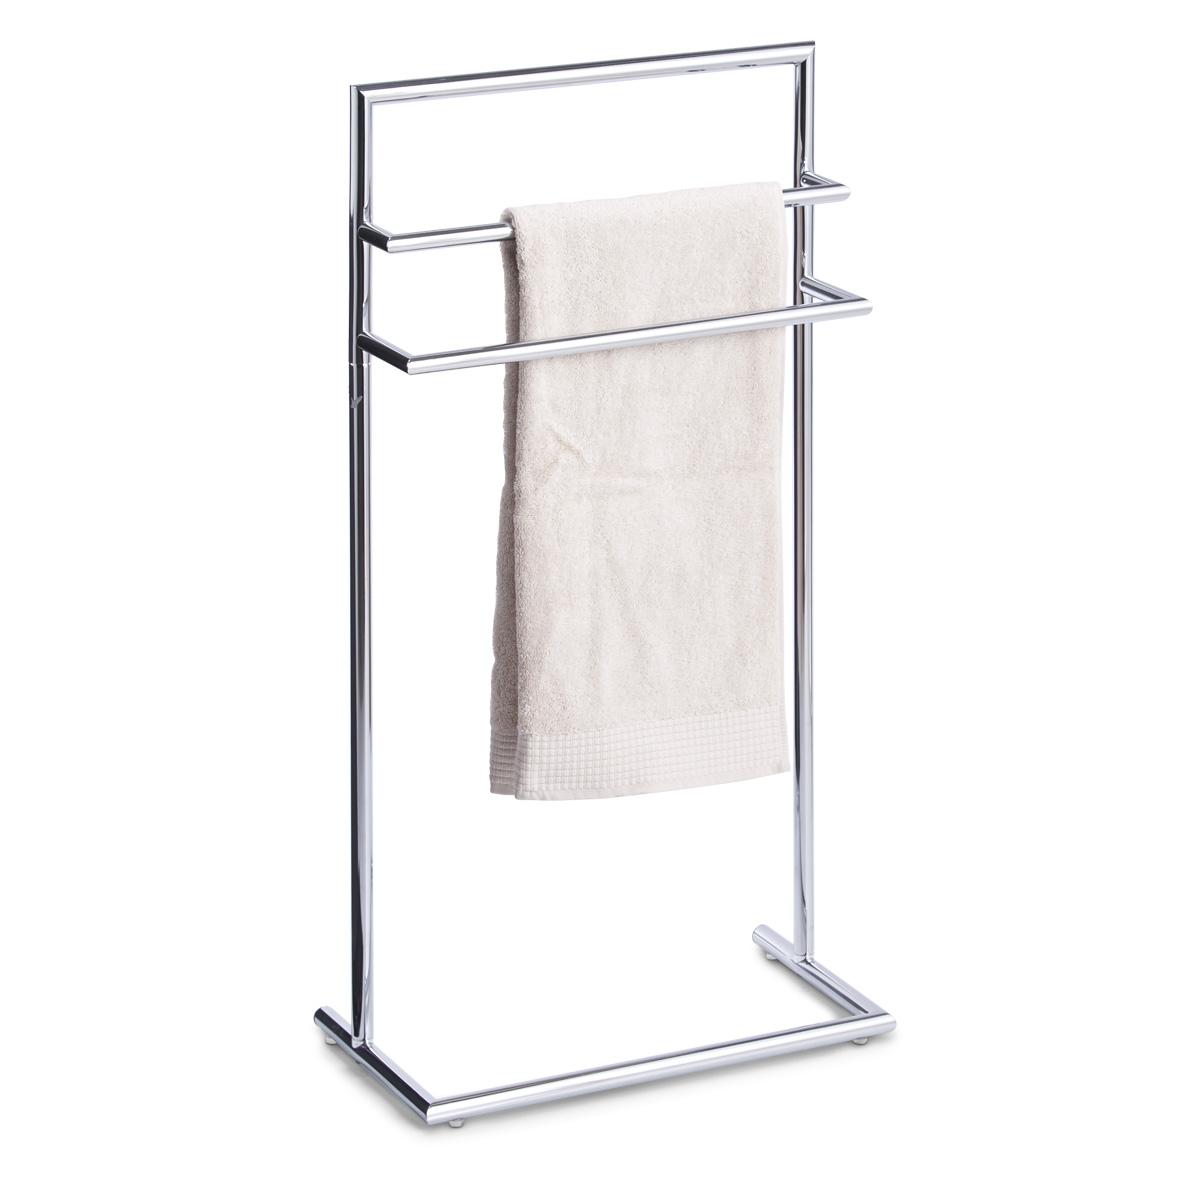 stand handtuchhalter 3 stangen chrom metall standhandtuchhalter handtuchst nder ebay. Black Bedroom Furniture Sets. Home Design Ideas